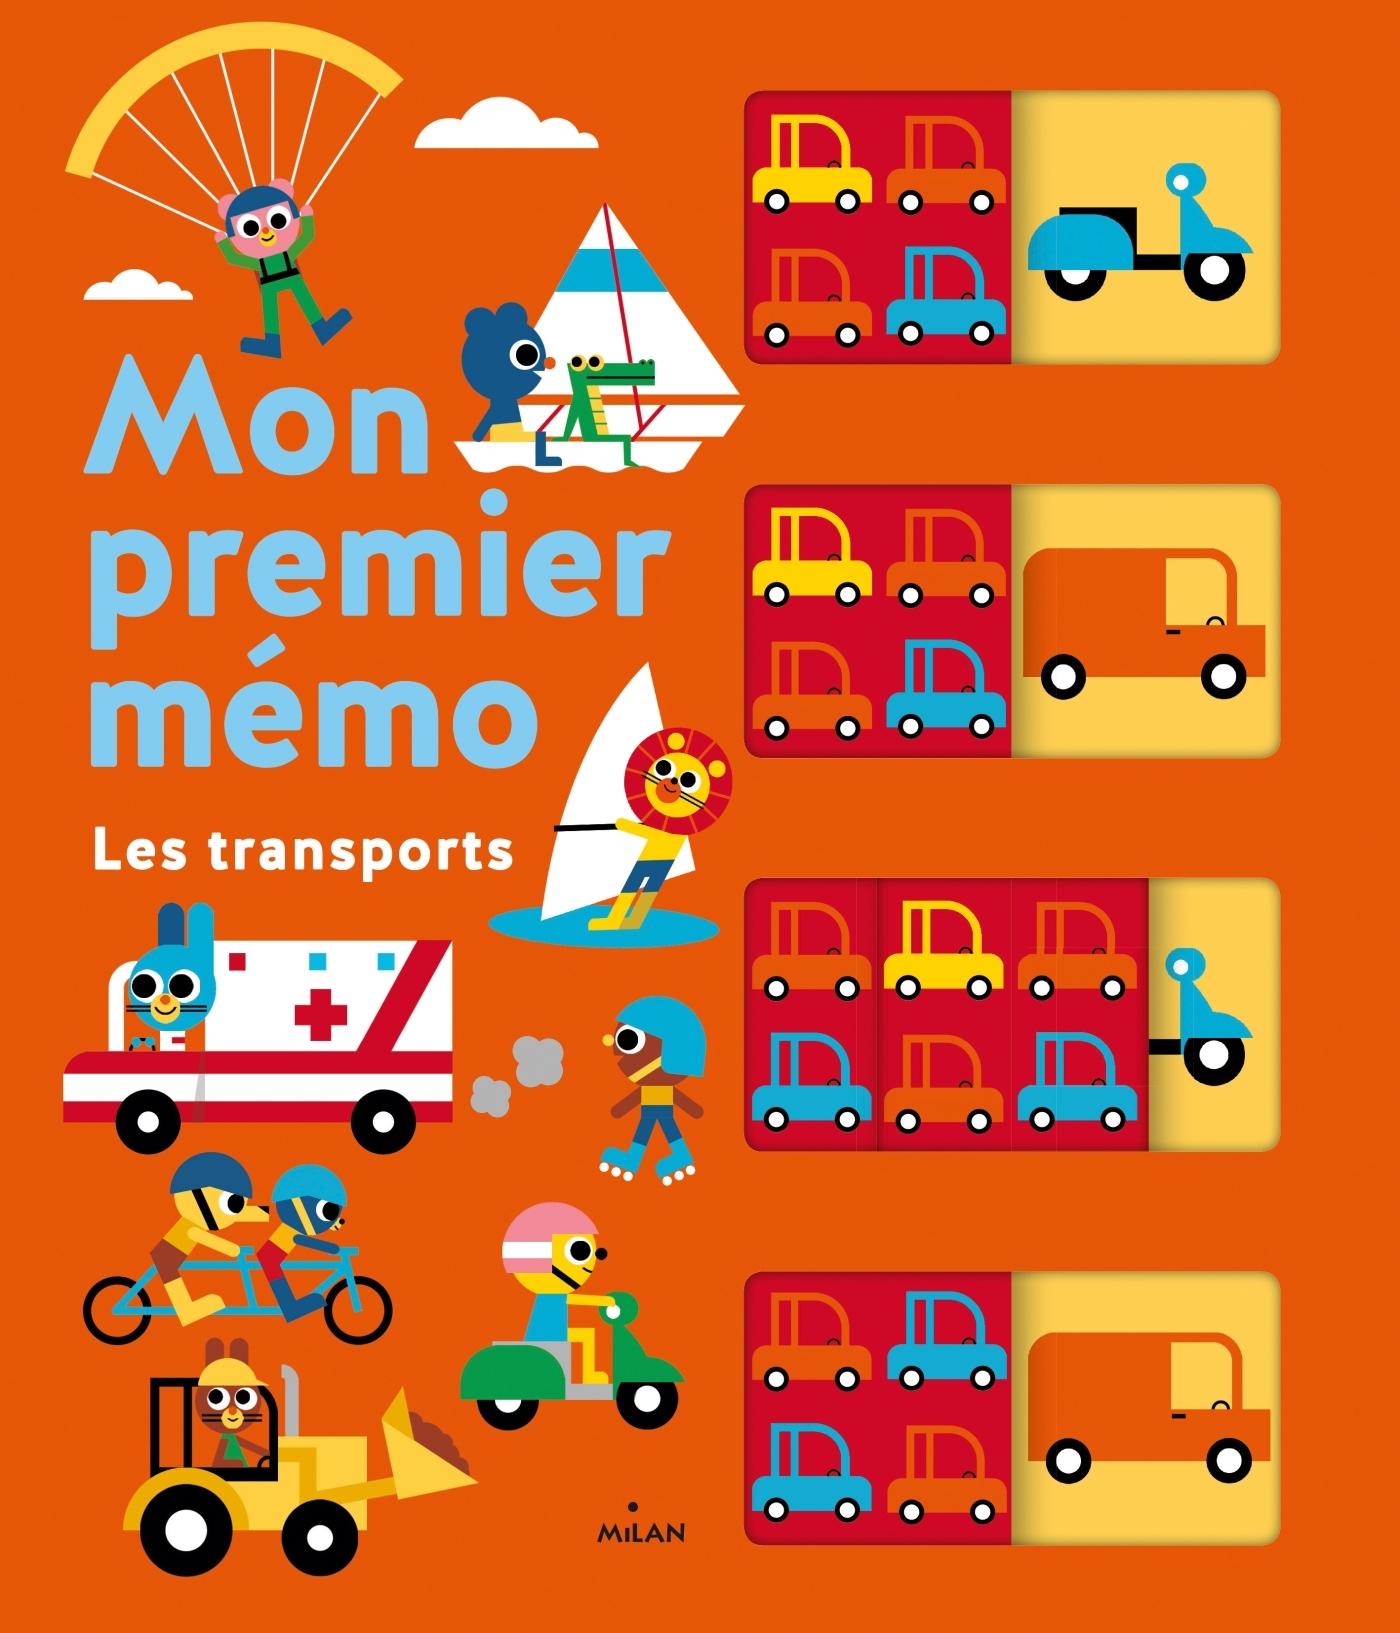 MON PREMIER MEMO - LES TRANSPORTS